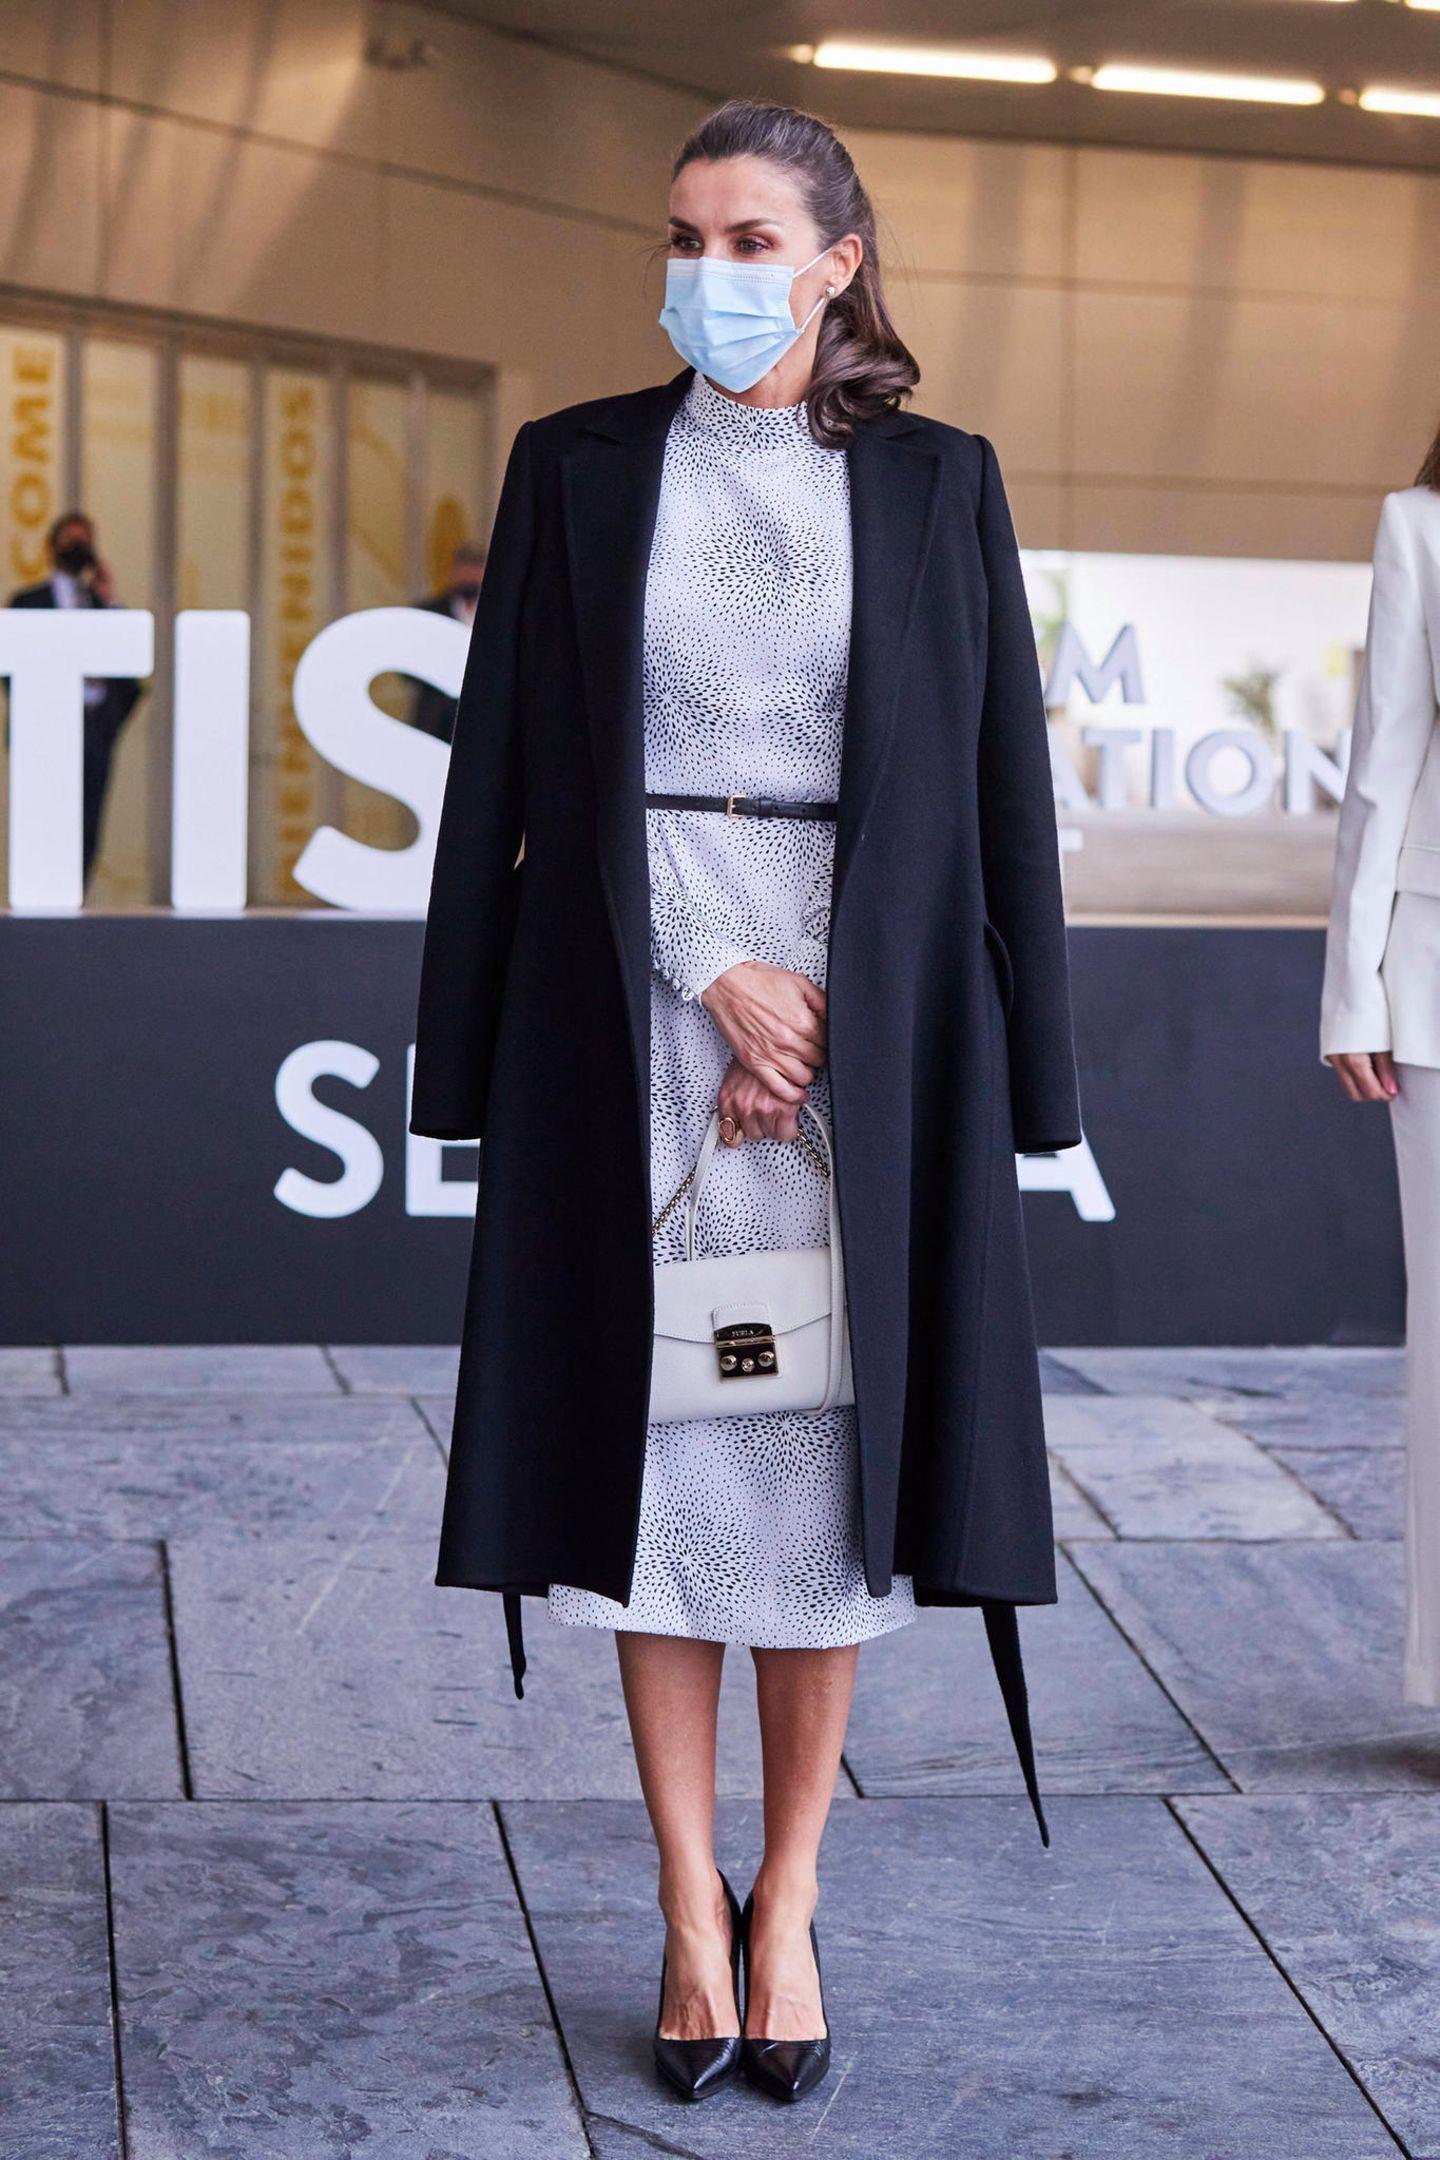 """Zur feierlichen Eröffnung des Tourism-Innovation-Gipfels in Sevilla wähltKönigin Letizia einen Look der Extraklasse – nicht zuletzt wegen eines simplen, aber genialen Fashion-Tricks. Zum gemusterten Kleid von Cherubina (280 Euro) trägt die Monarchin einen schwarzen Wollmantel, den sie sich locker über die Schultern legt. Der Clou: Dadurch entsteht eine Art optische Täuschung, die die Trägerin noch schlanker wirken lässt. Den Look komplettieren schwarze Pumps und eine weiße Handtasche von Furla (um 300 Euro).  Es ist übrigens nicht das erste Mal, dass wir Letizia in dem Kleid von Cherubina sehen. Bereits 2019 wählte sie am """"Garter Day"""" in Windsor das gemusterte Dress."""